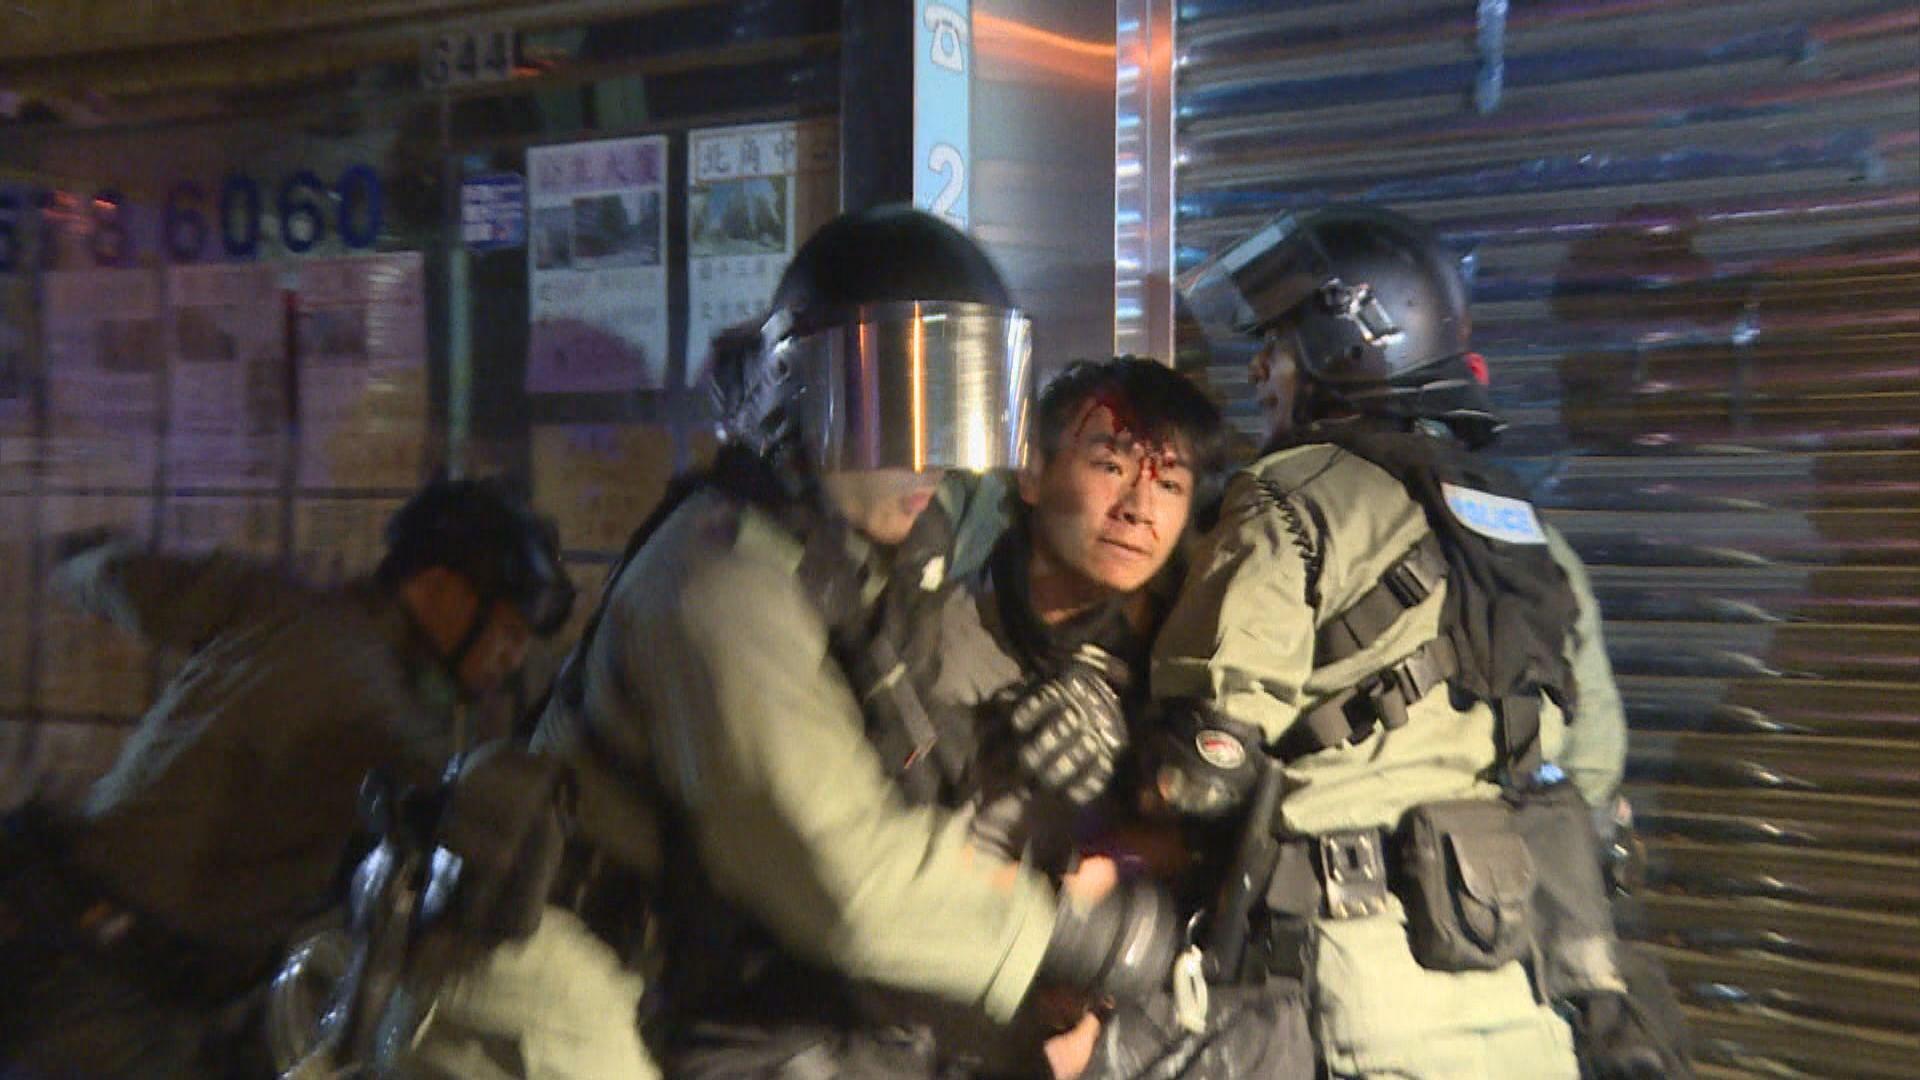 19歲男學生去年炮台山襲警拒捕等三罪成 囚十個月